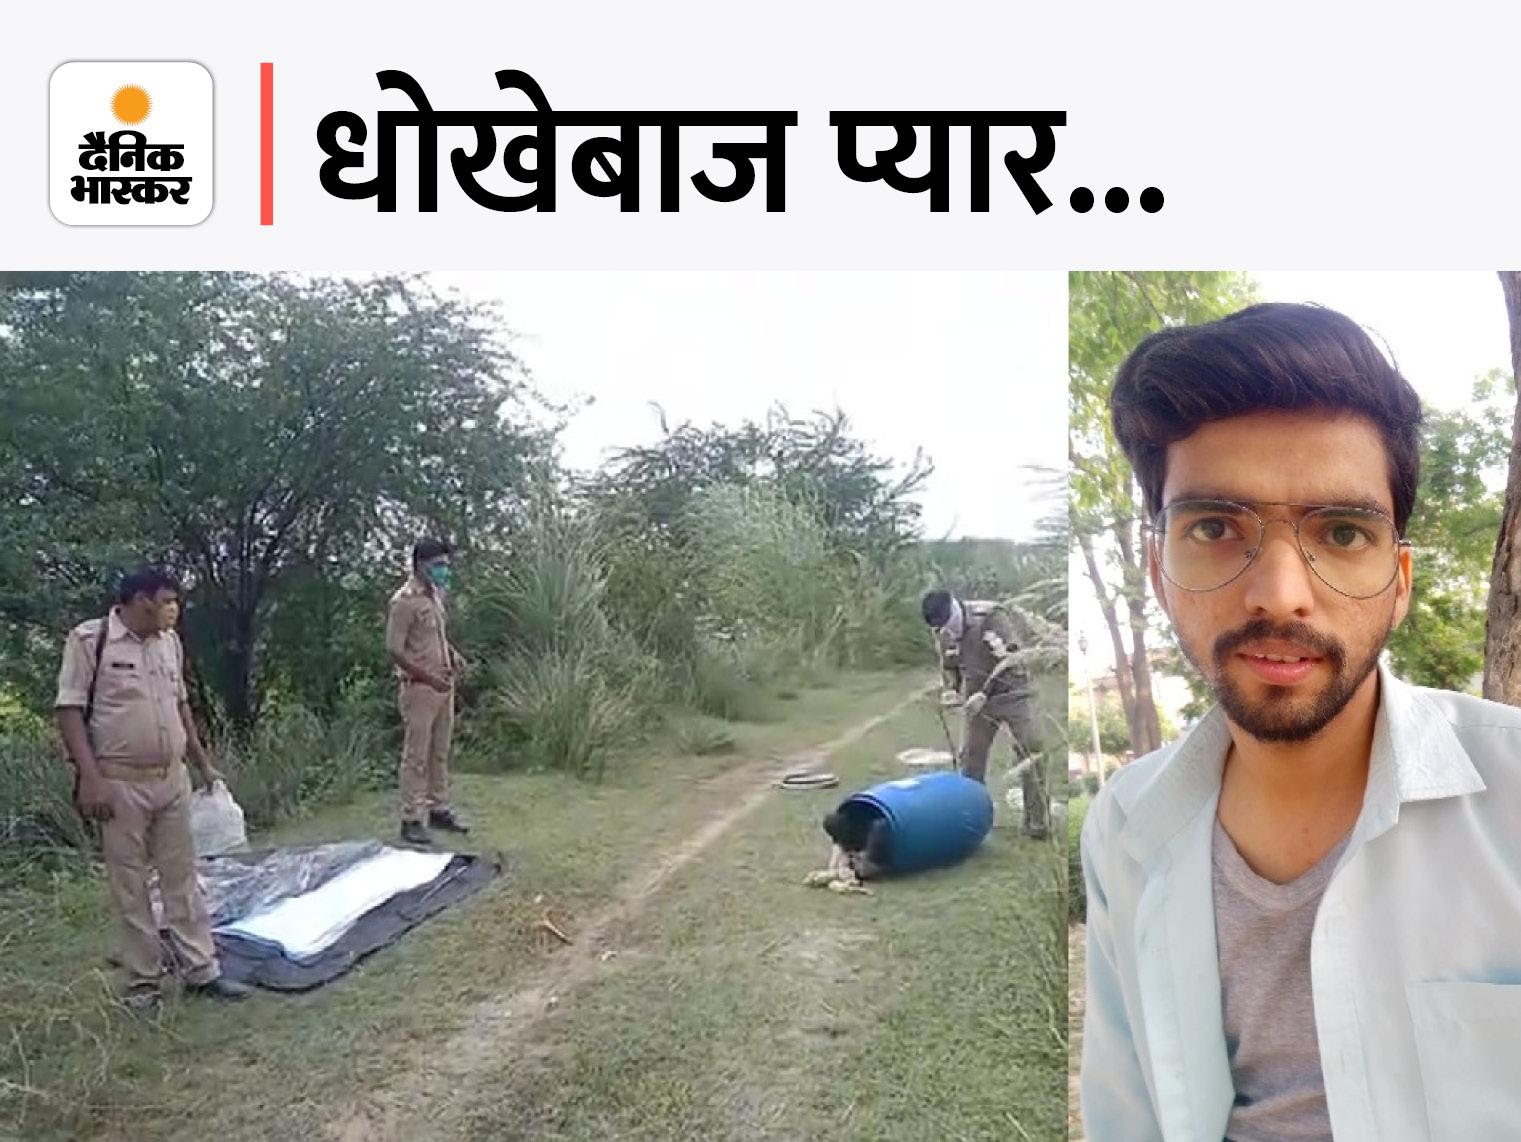 कानपुर के फ्लैट में नाबालिग प्रेमिका संग आपत्तिजनक हालत में मिला, गुस्से में लोहे की रॉड से मार डाला; ड्रम में भरकर लगाया था ठिकाने|कानपुर,Kanpur - Dainik Bhaskar